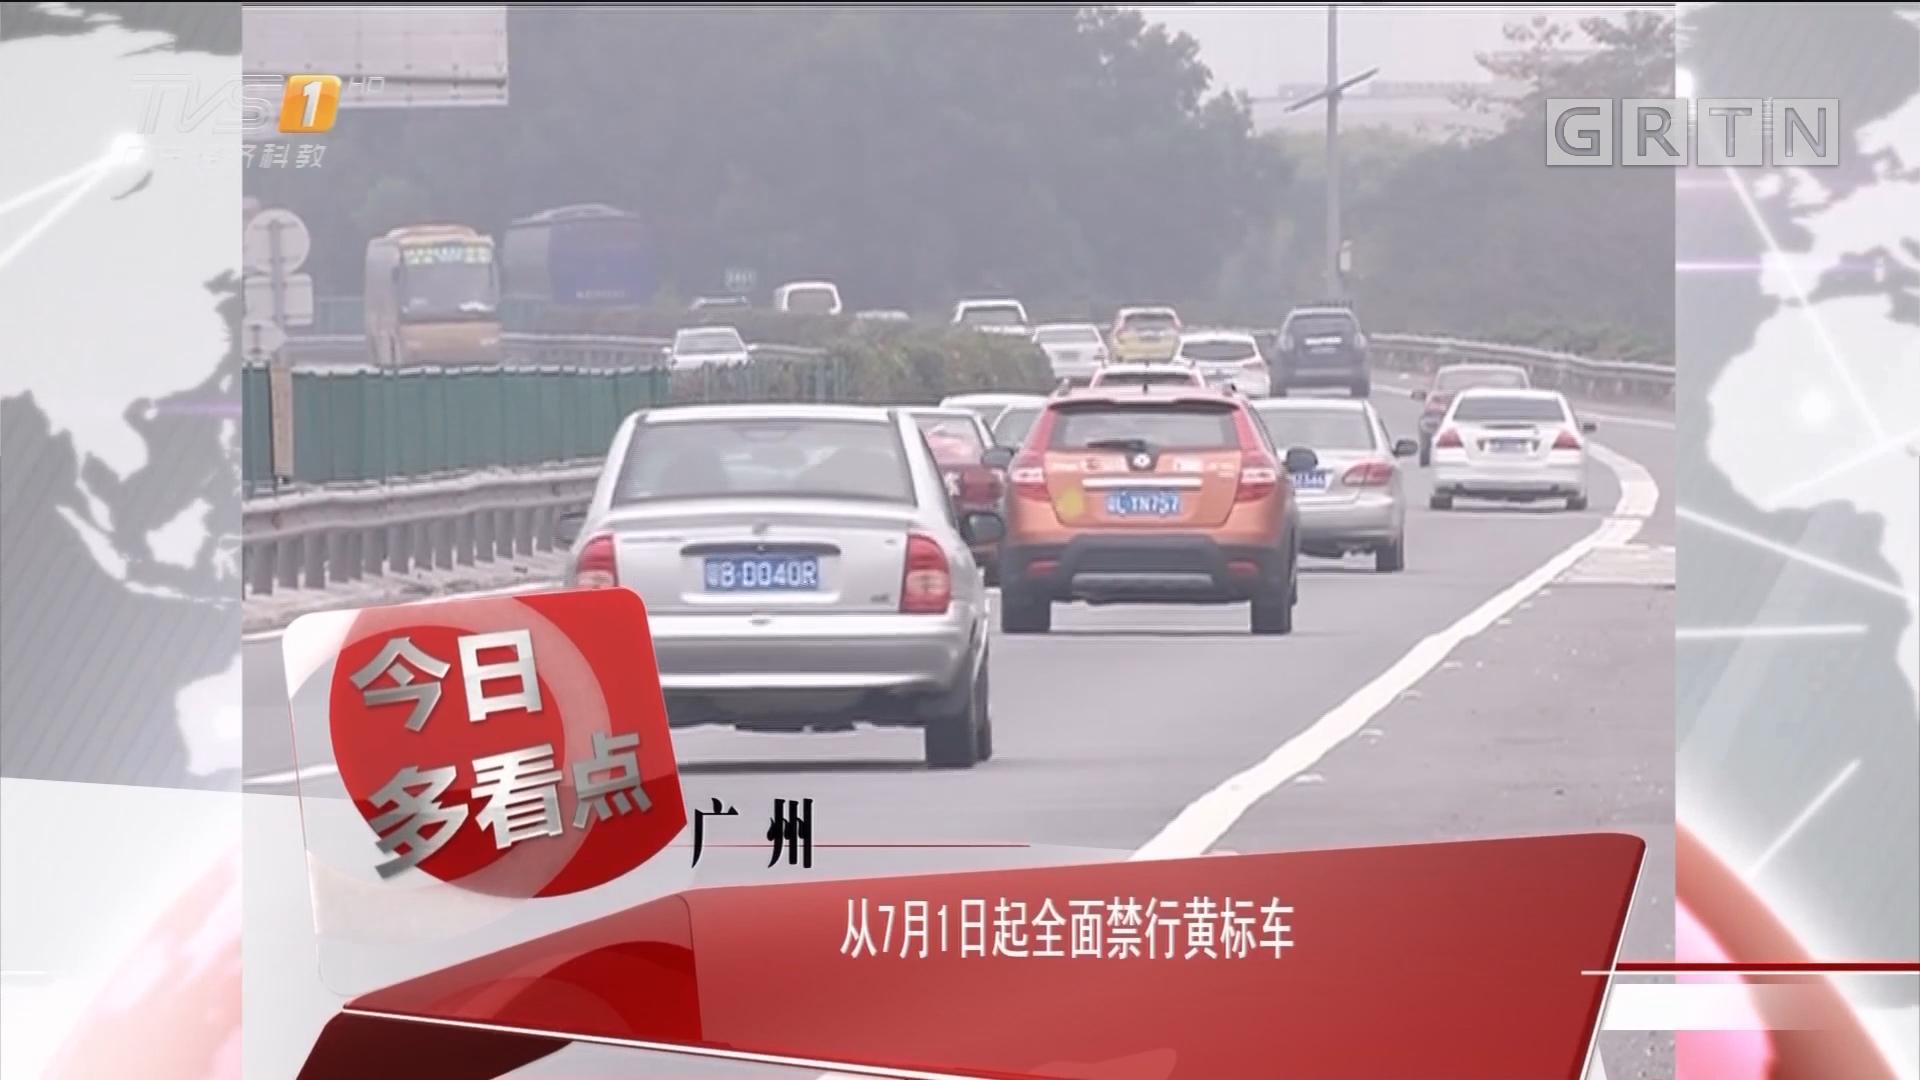 广州:从7月1日起全面禁行黄标车